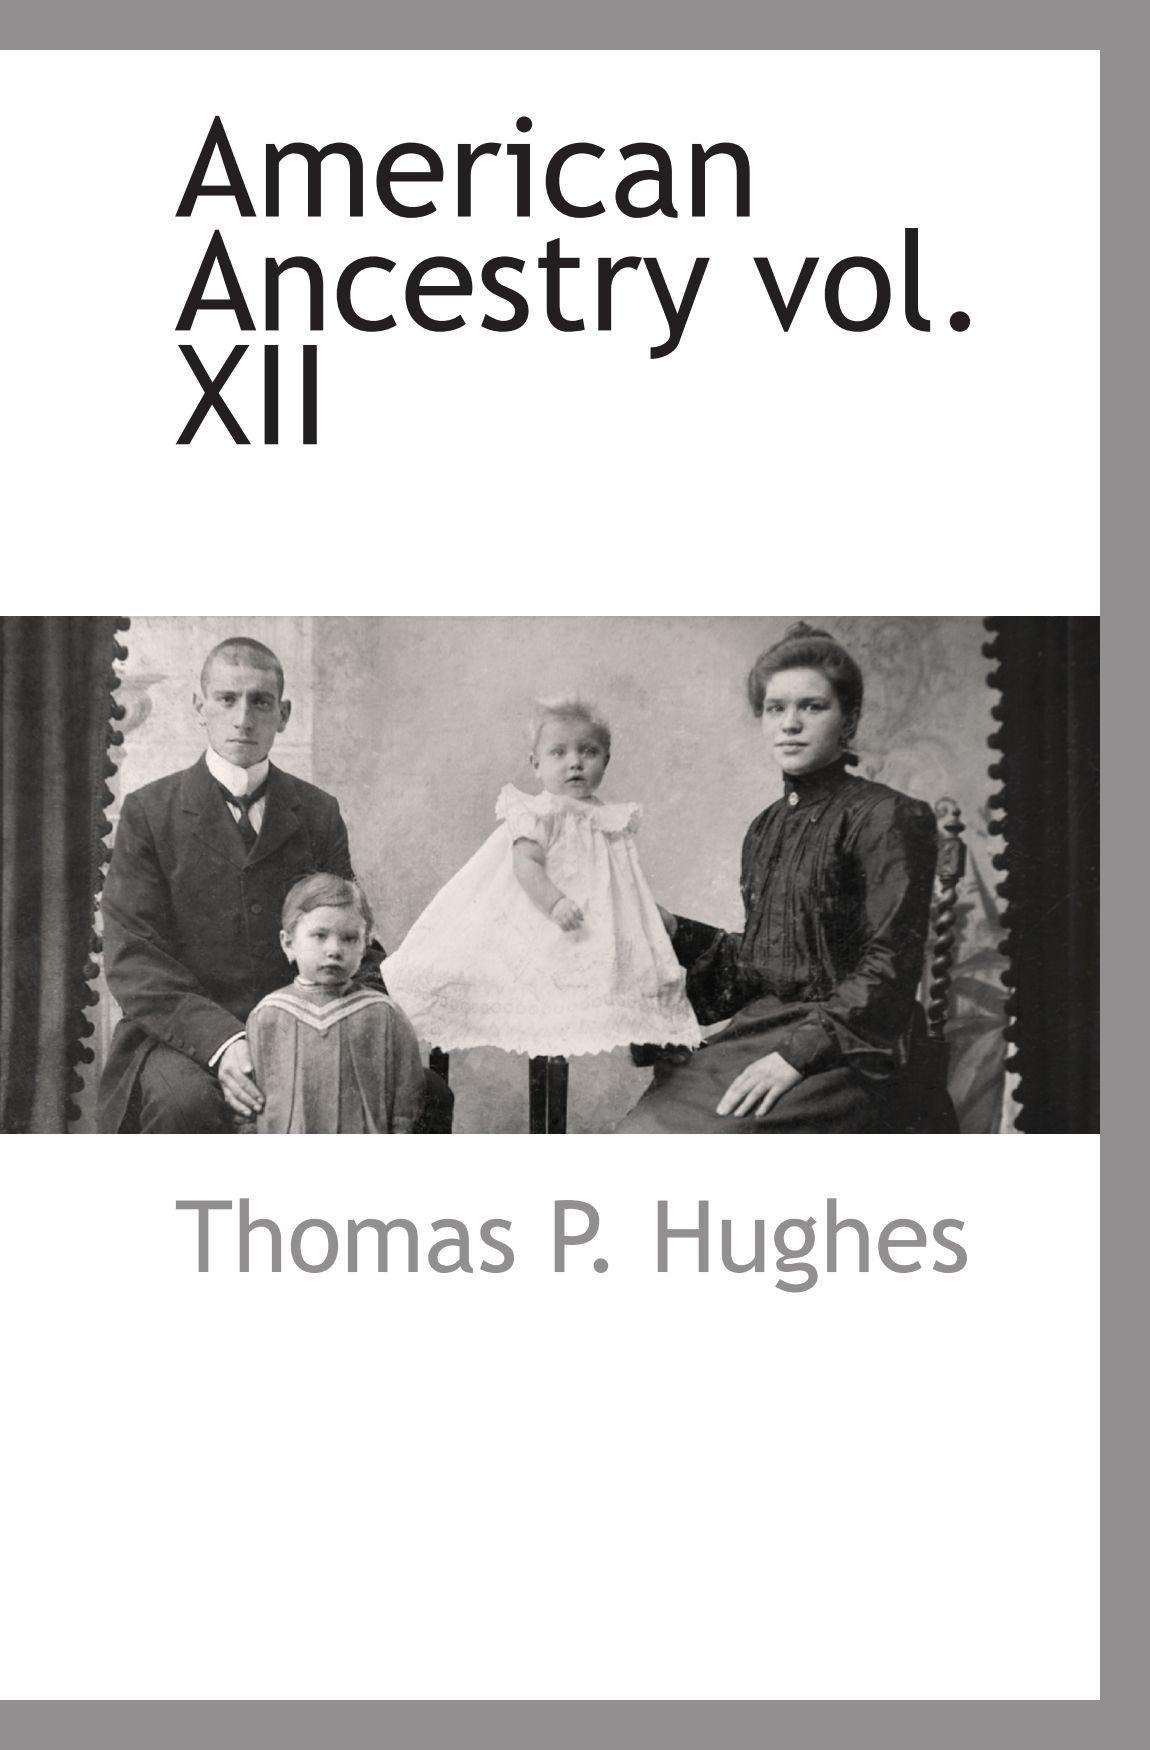 American Ancestry vol. XII ePub fb2 ebook